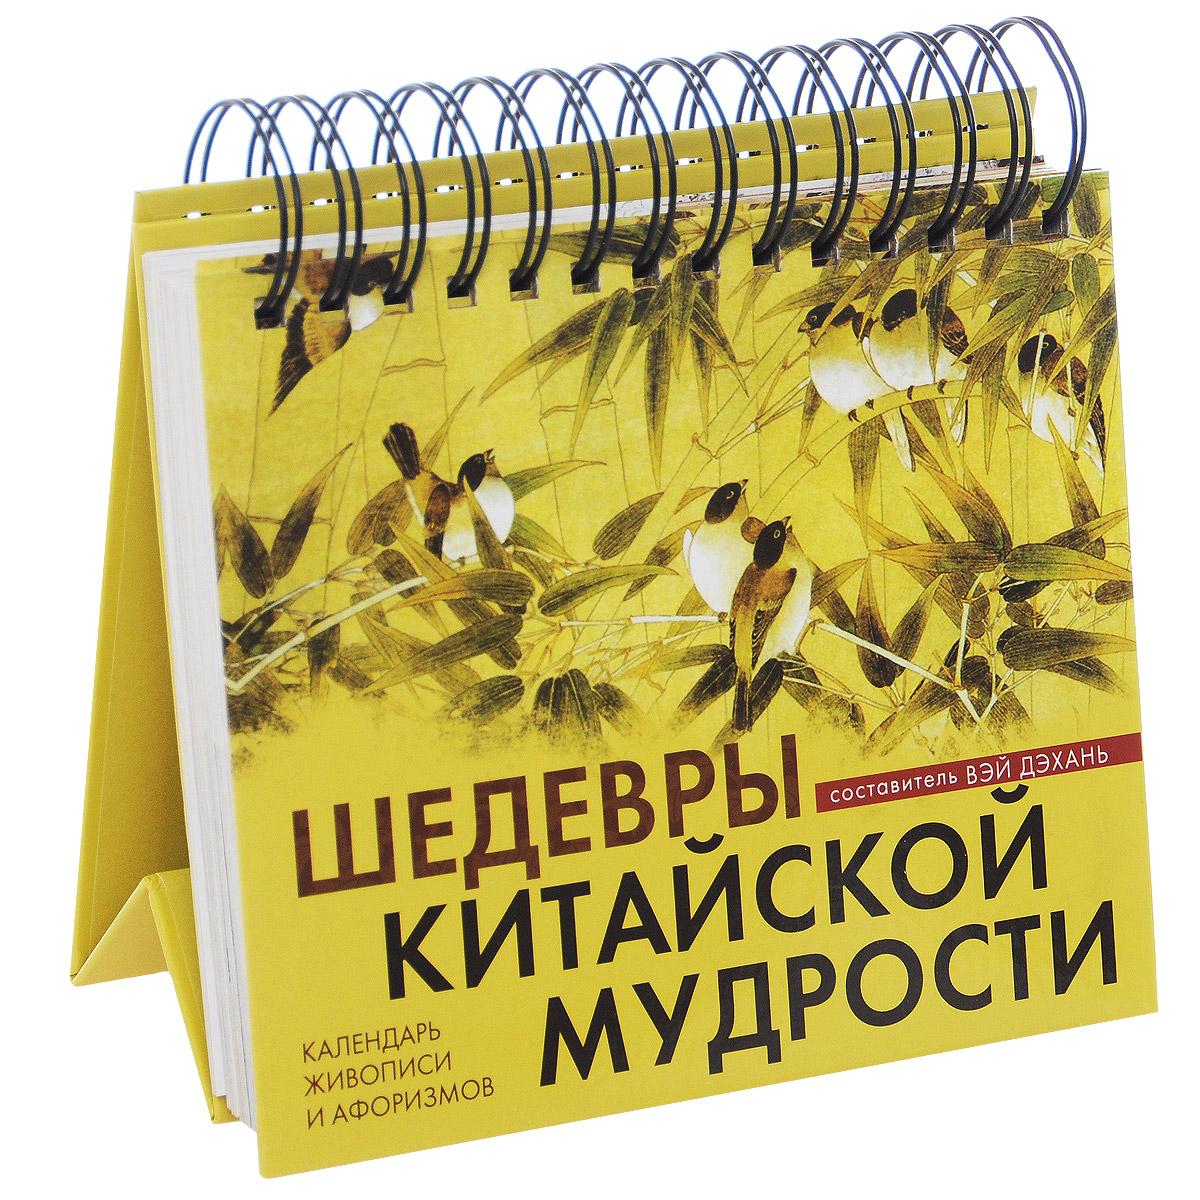 все цены на Календарь настольный (на спирали). Шедевры китайской мудрости онлайн